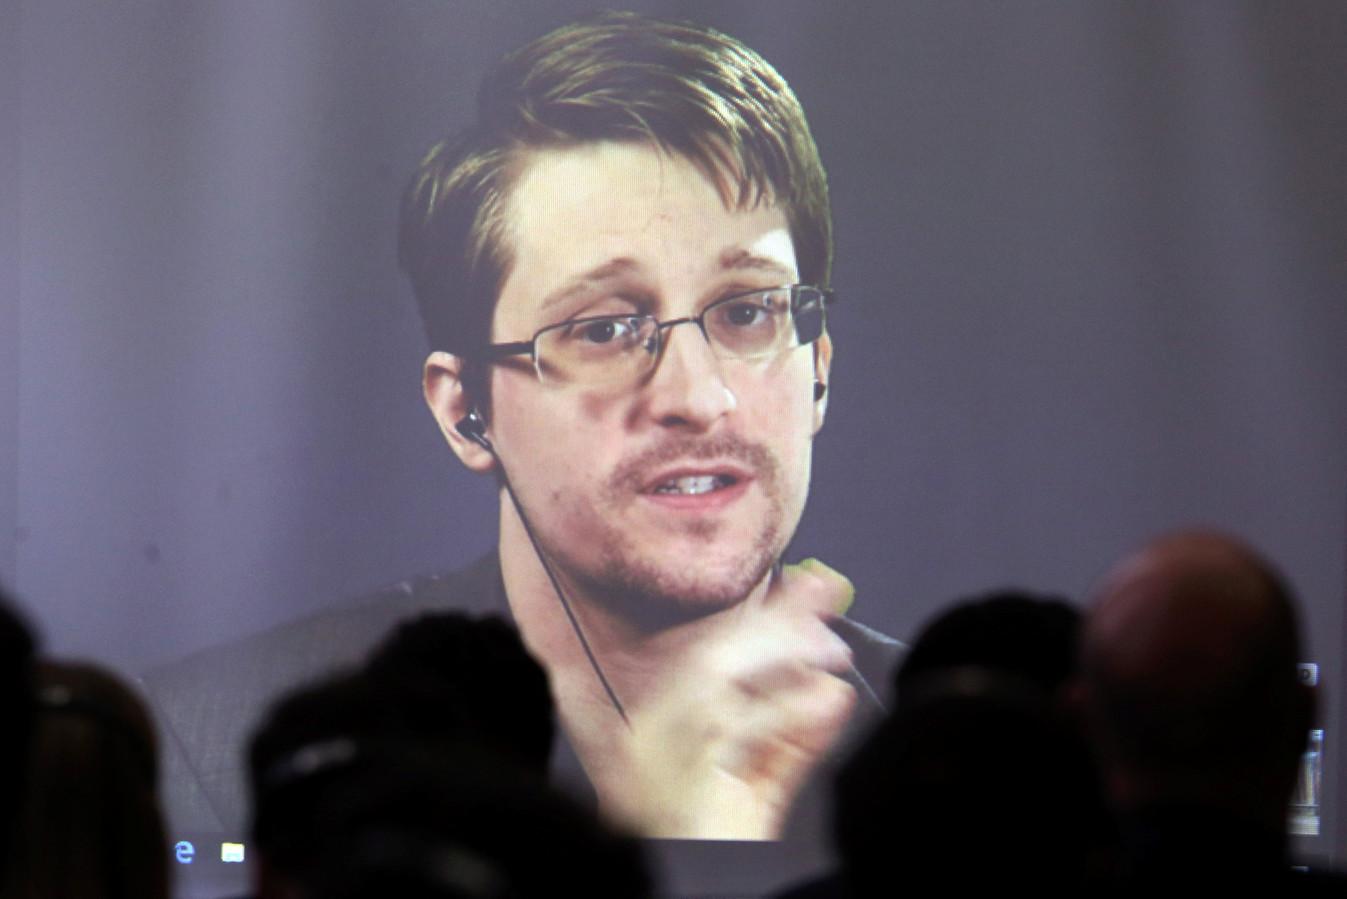 Edward Snowden, die in 2013 het spionageschandaal van de NSA onthulde.